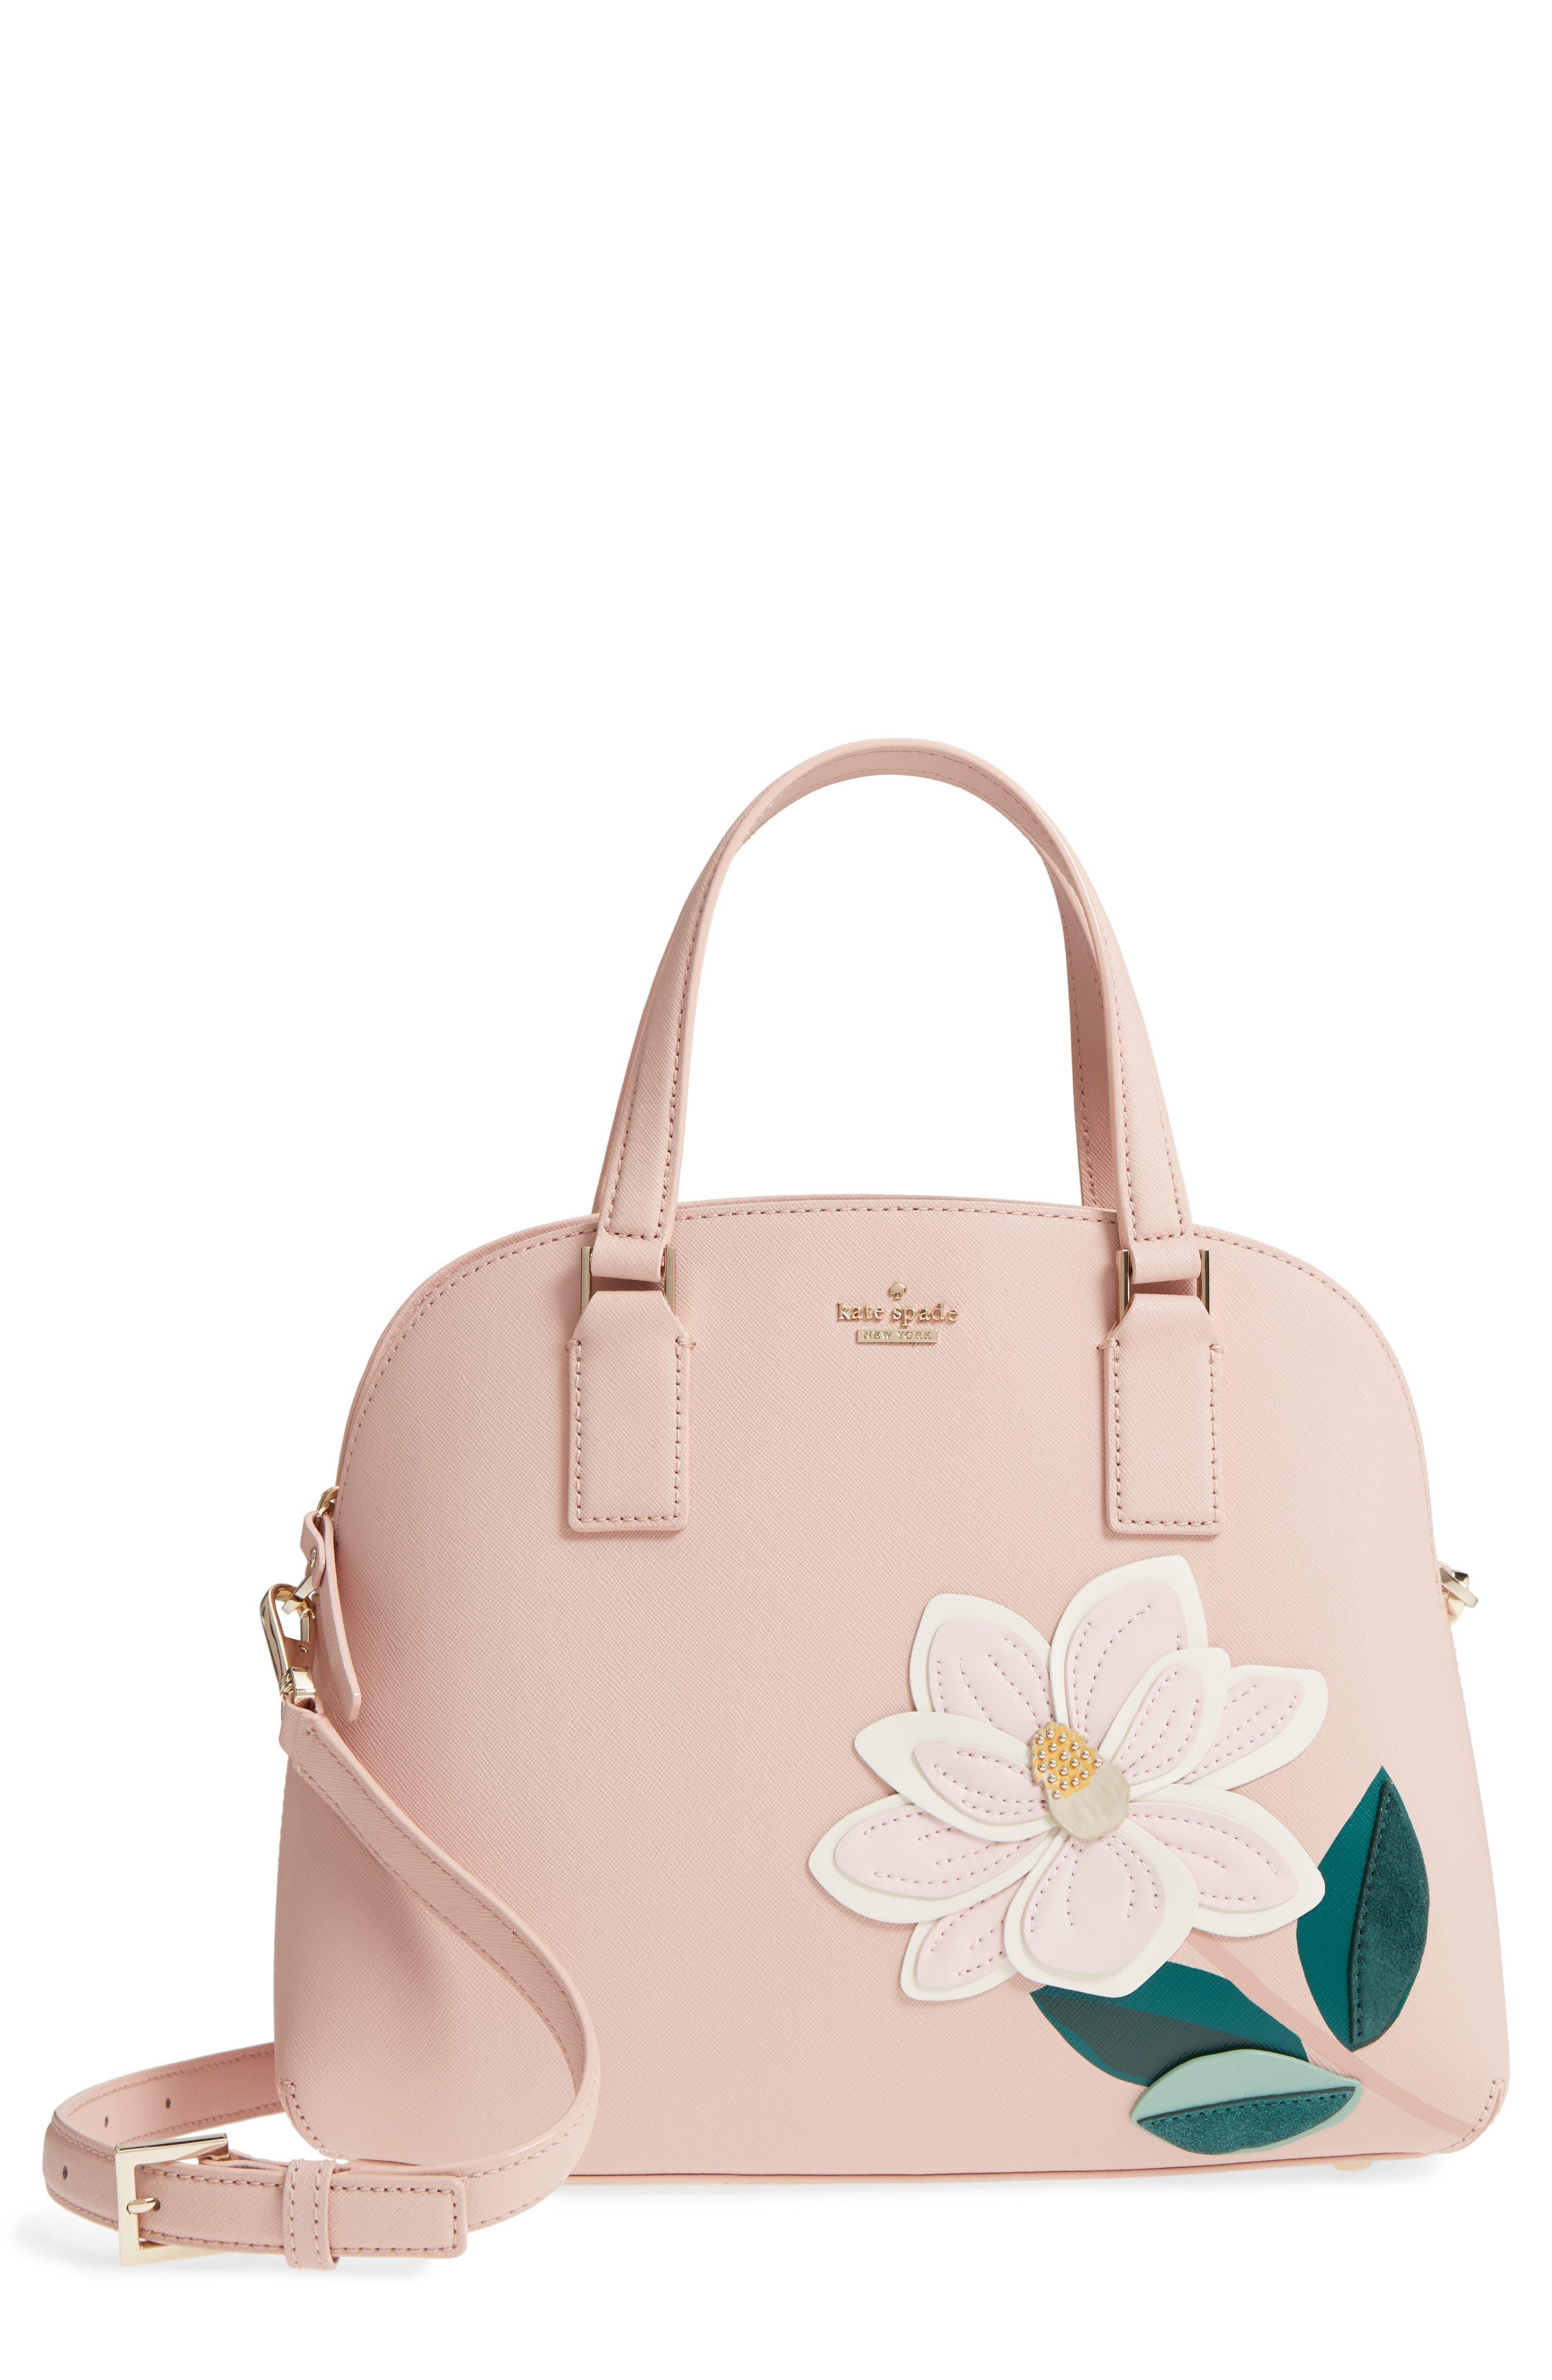 swamped magnolia - lottie leather satchel,                         Main,                         color, Multi